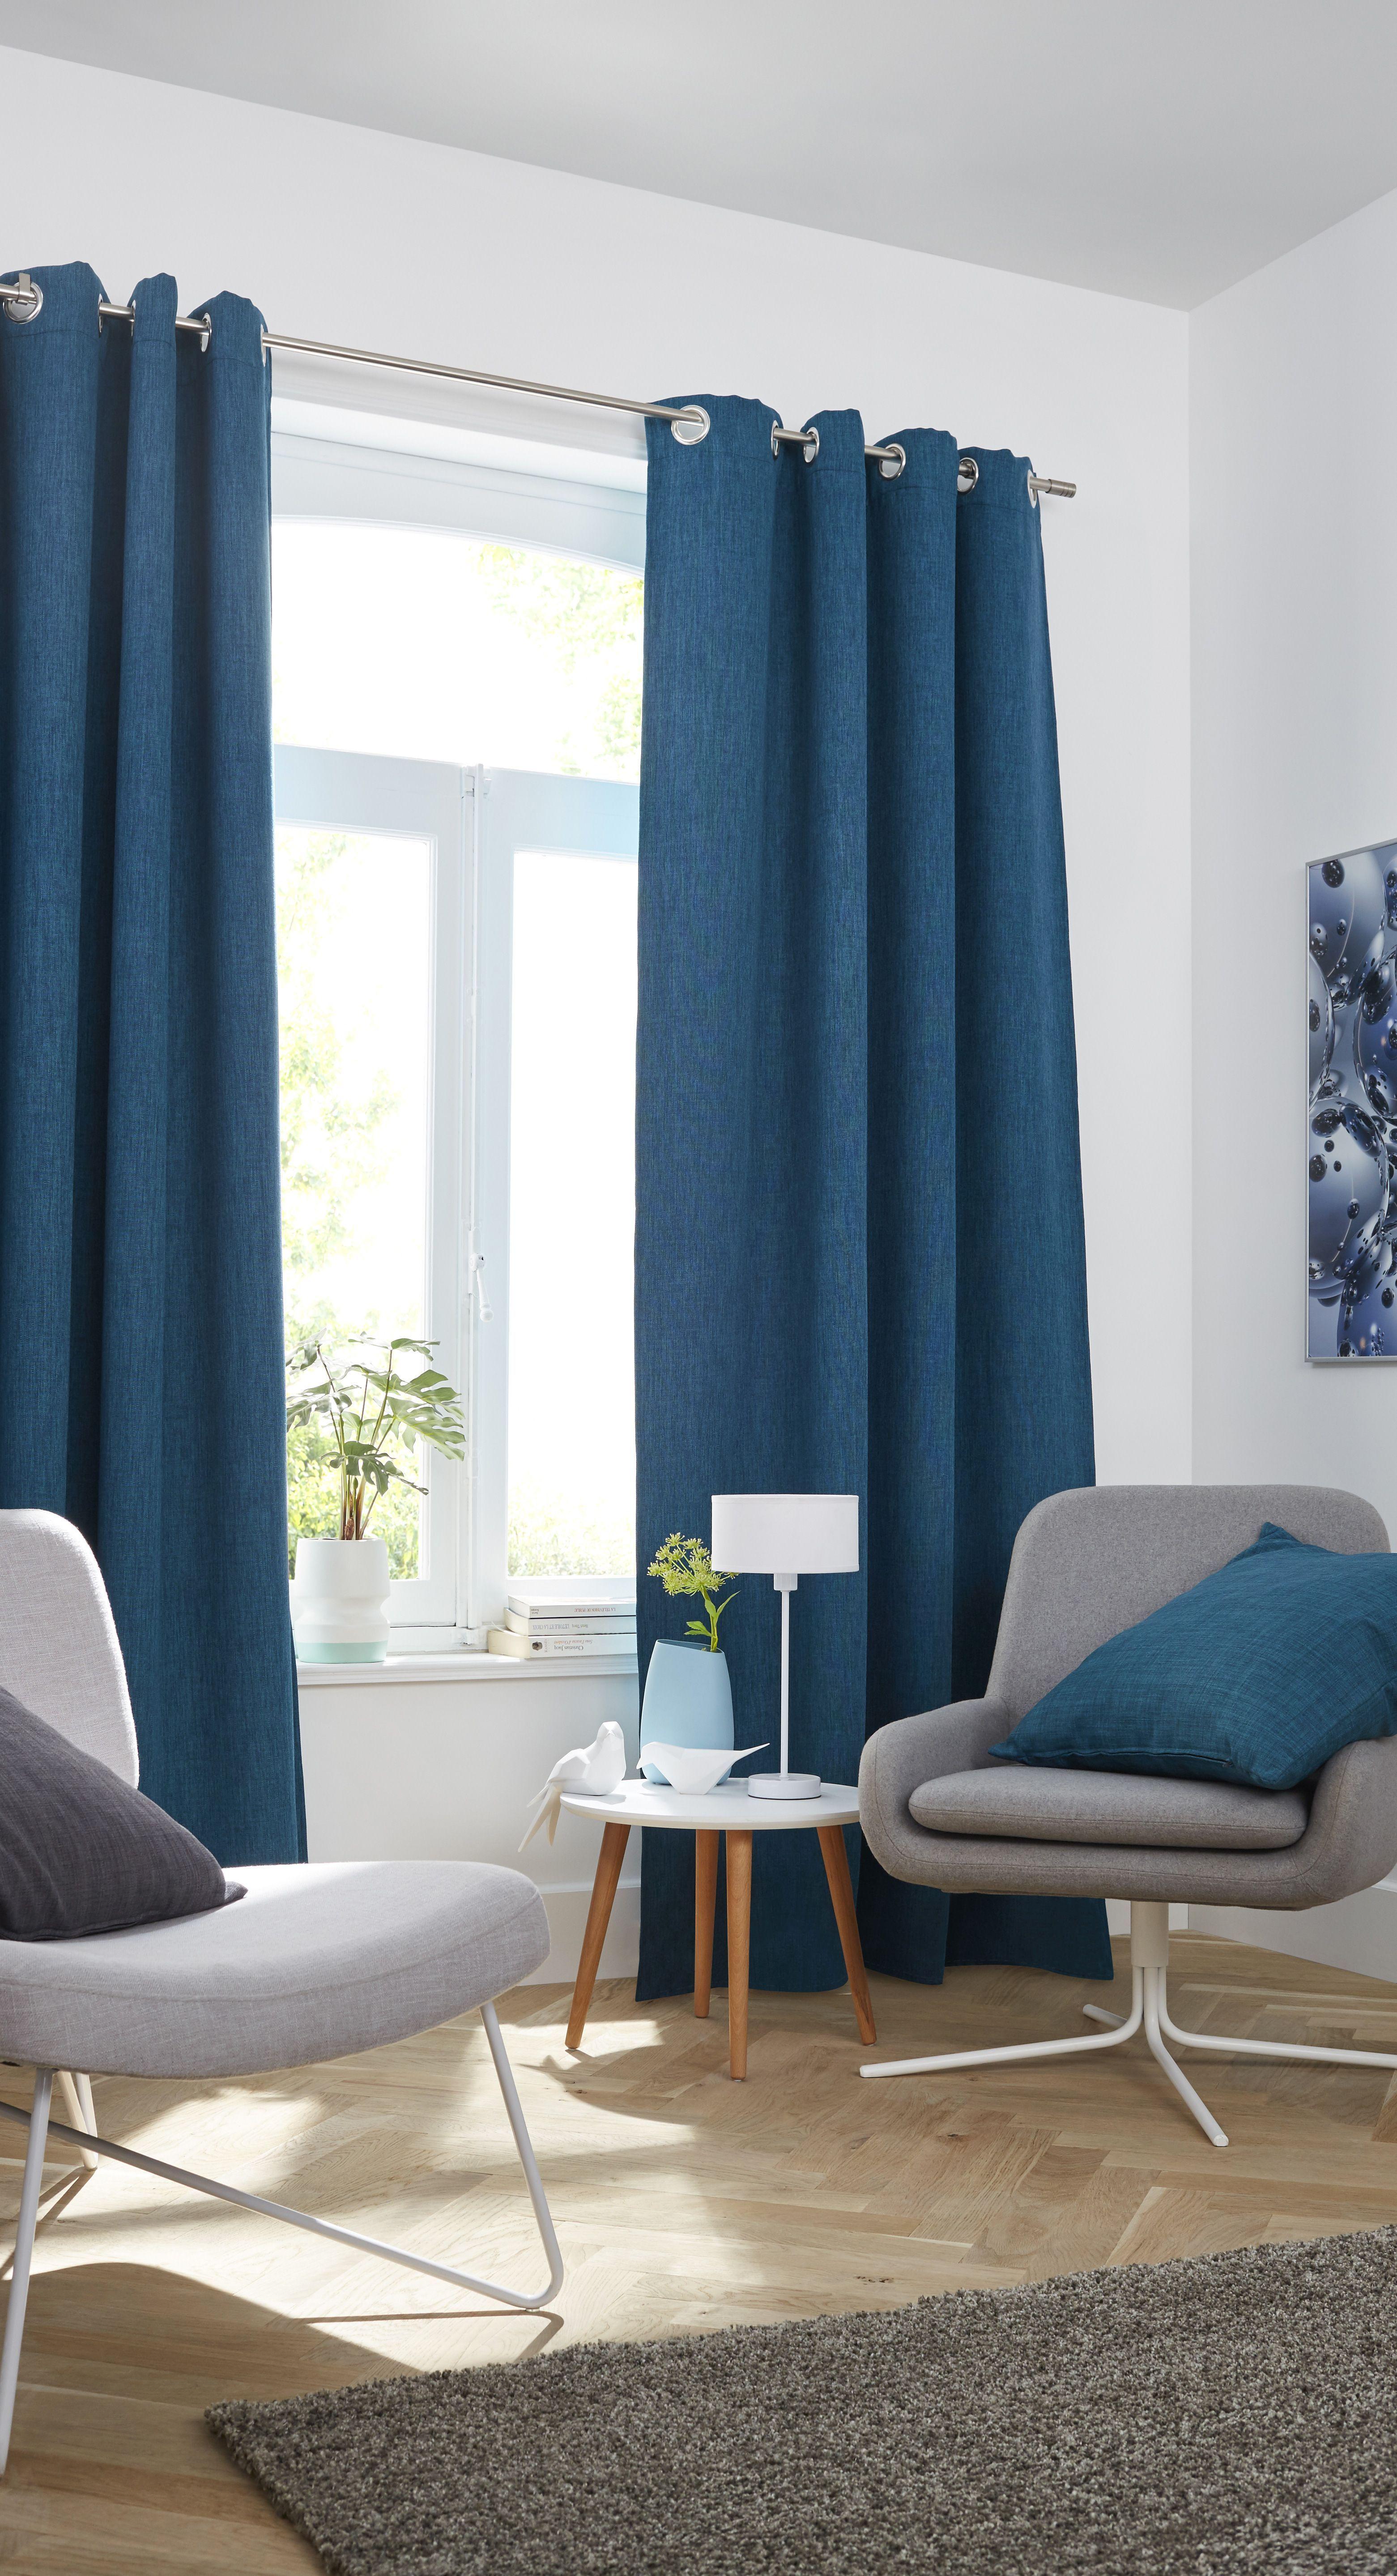 habillez vos fenetres de bleu canard avec ces rideaux occultant barcelona bleu francedecointerieure wohnzimmer ideen modern wohnzimmermobel modernes wohnen